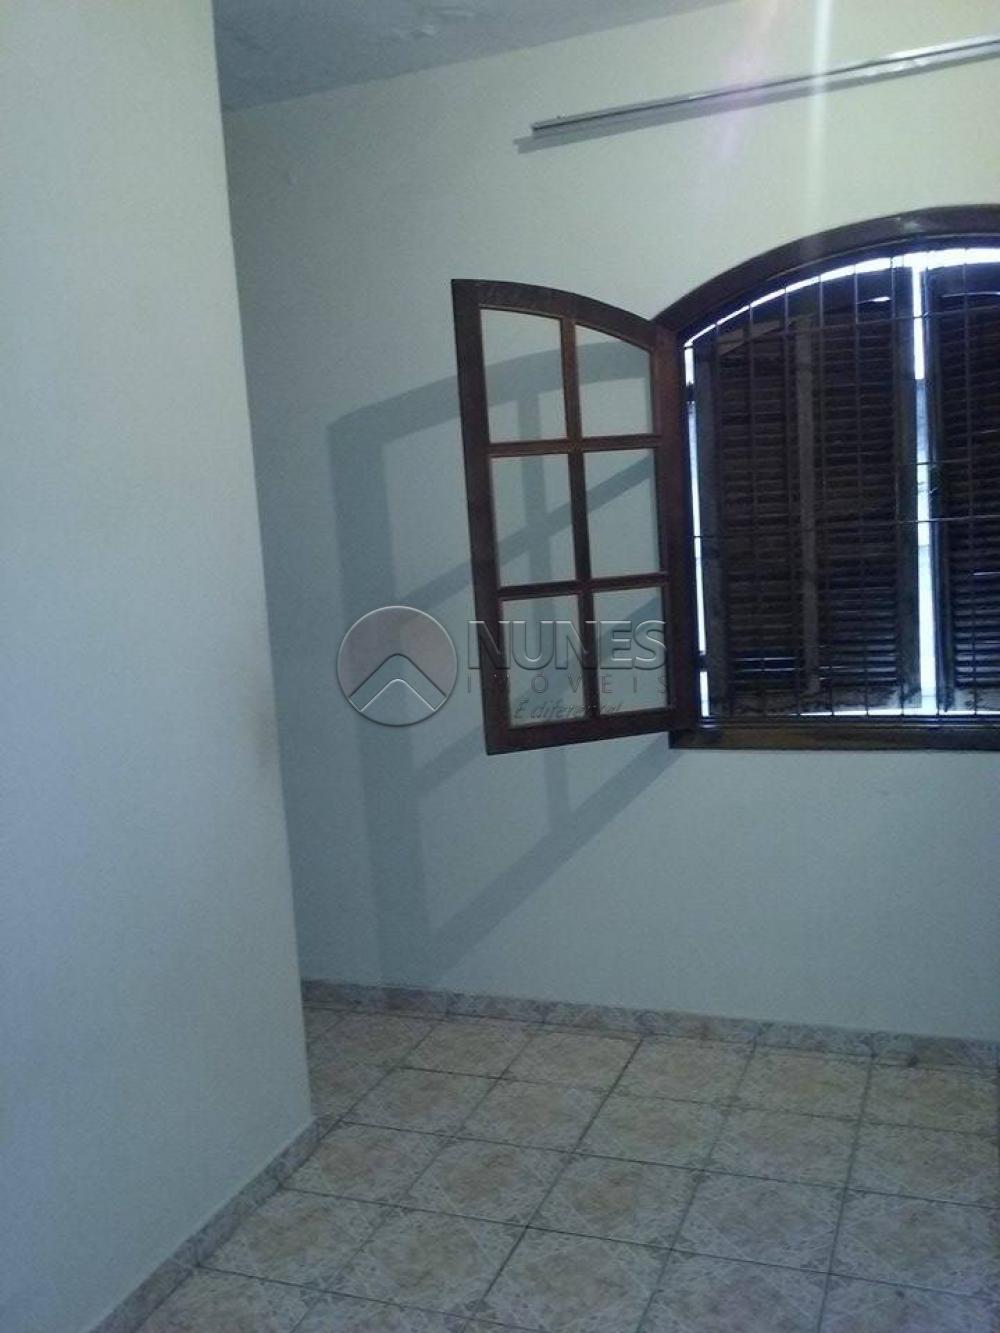 Alugar Casa / Sobrado em São Paulo R$ 5.500,00 - Foto 31